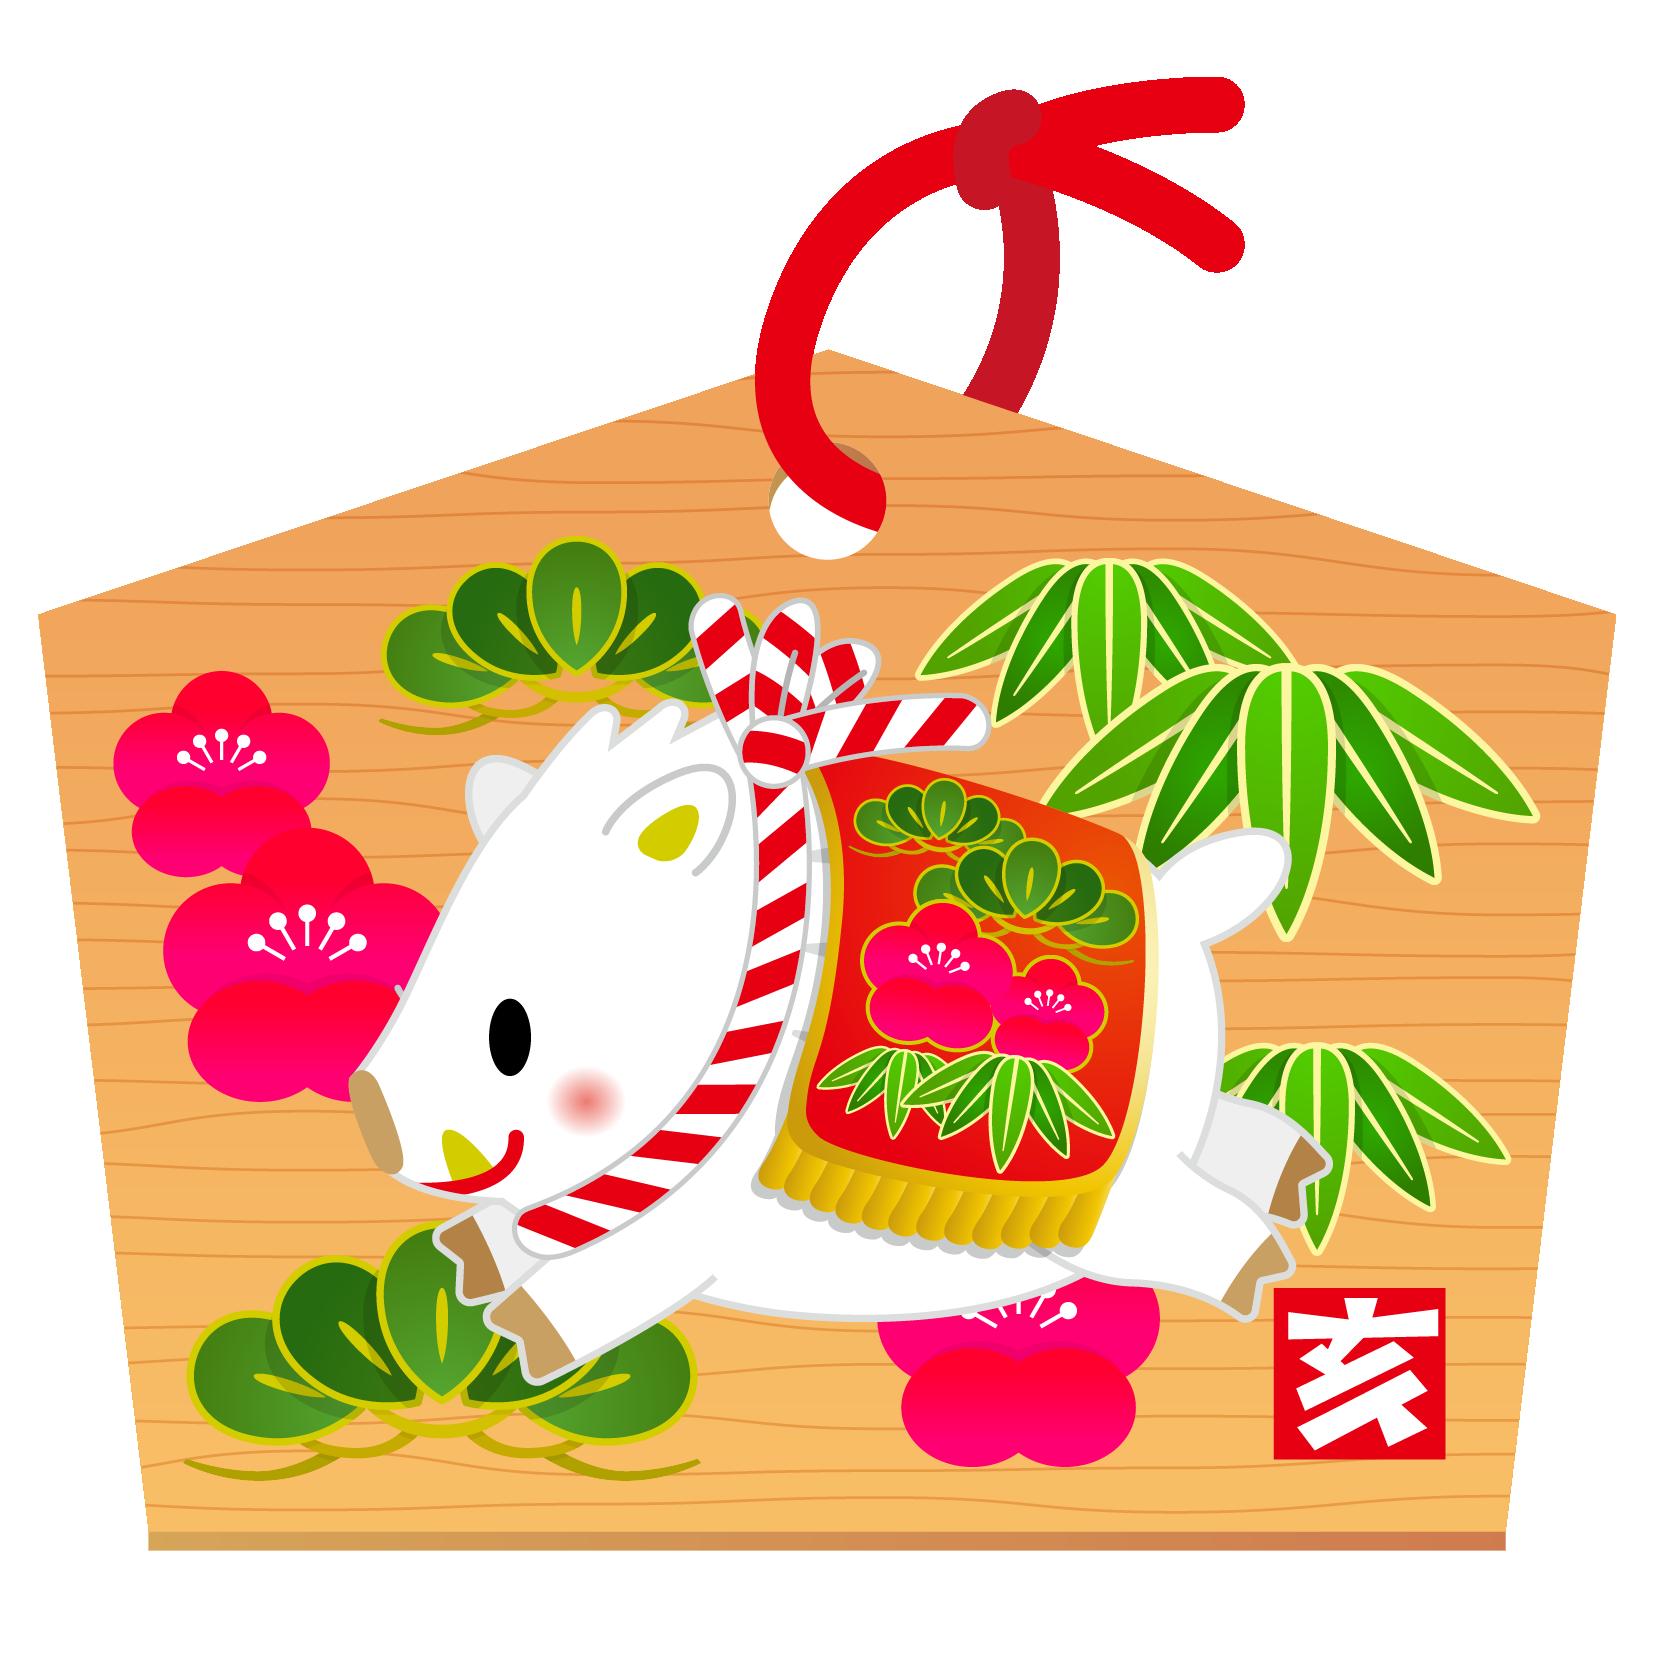 商用フリー・無料イラスト_白干支_干支いのしし(イノシシ・猪・うりぼう・ウリ坊)絵馬_亥年43